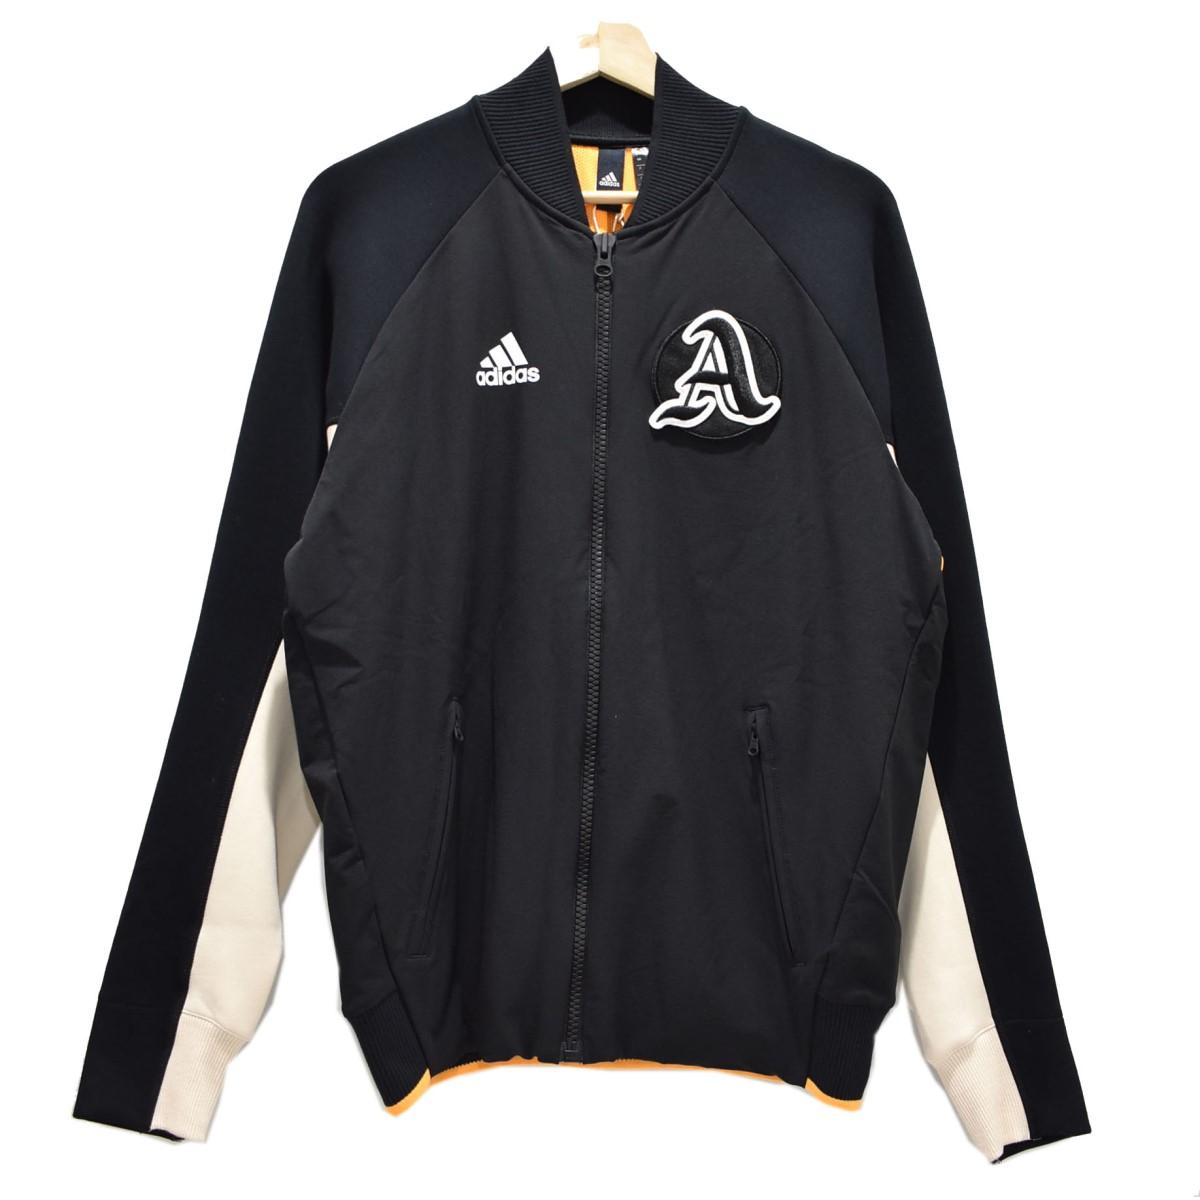 【中古】adidas トラックジャケット ブラック サイズ:0 【280820】(アディダス)